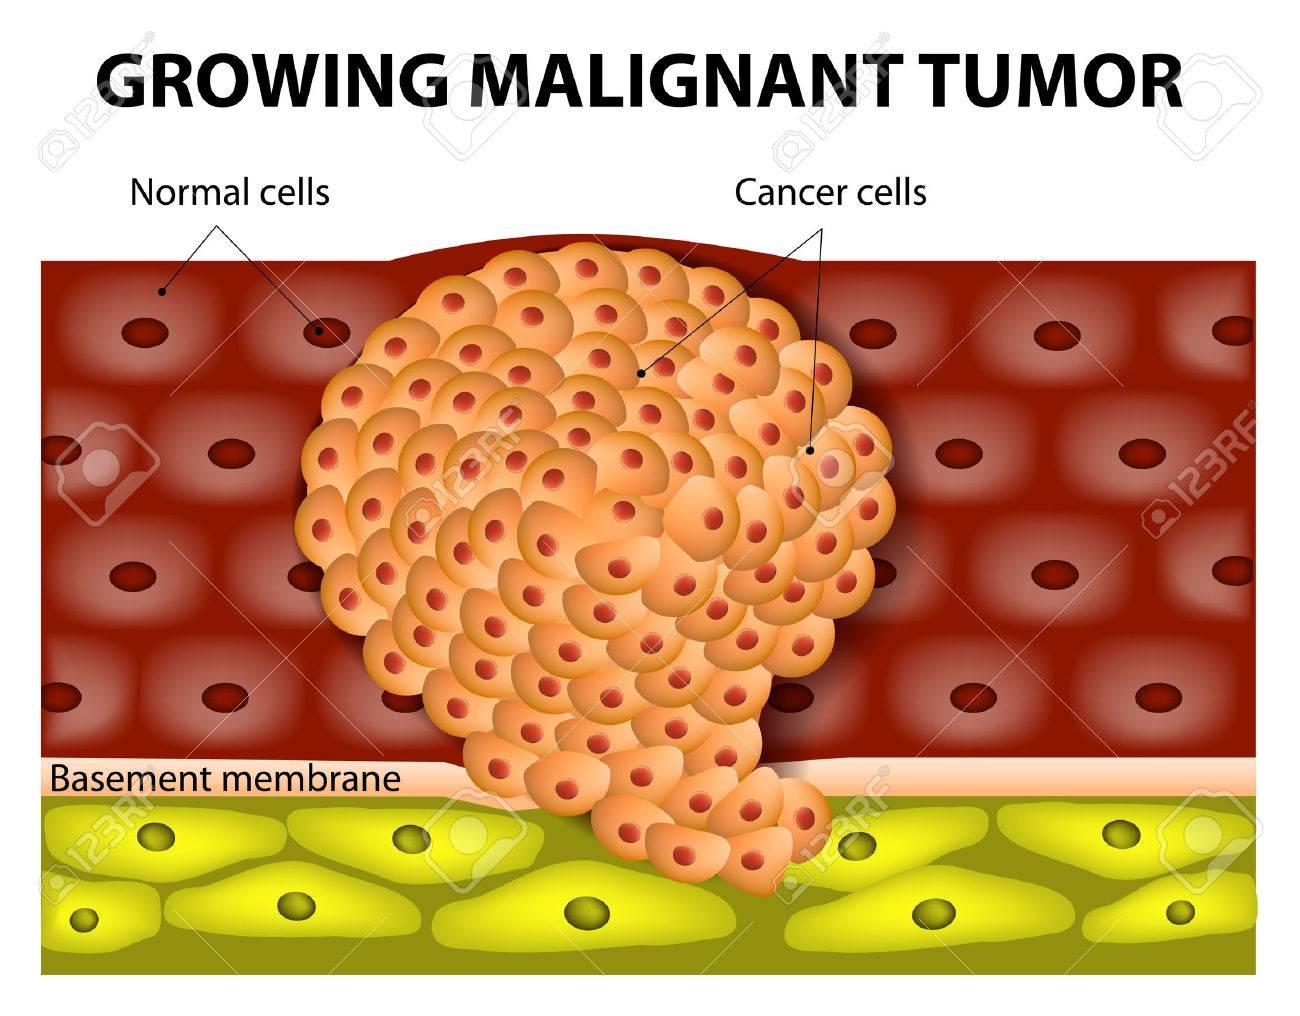 成長している悪性腫瘍の癌細胞。...